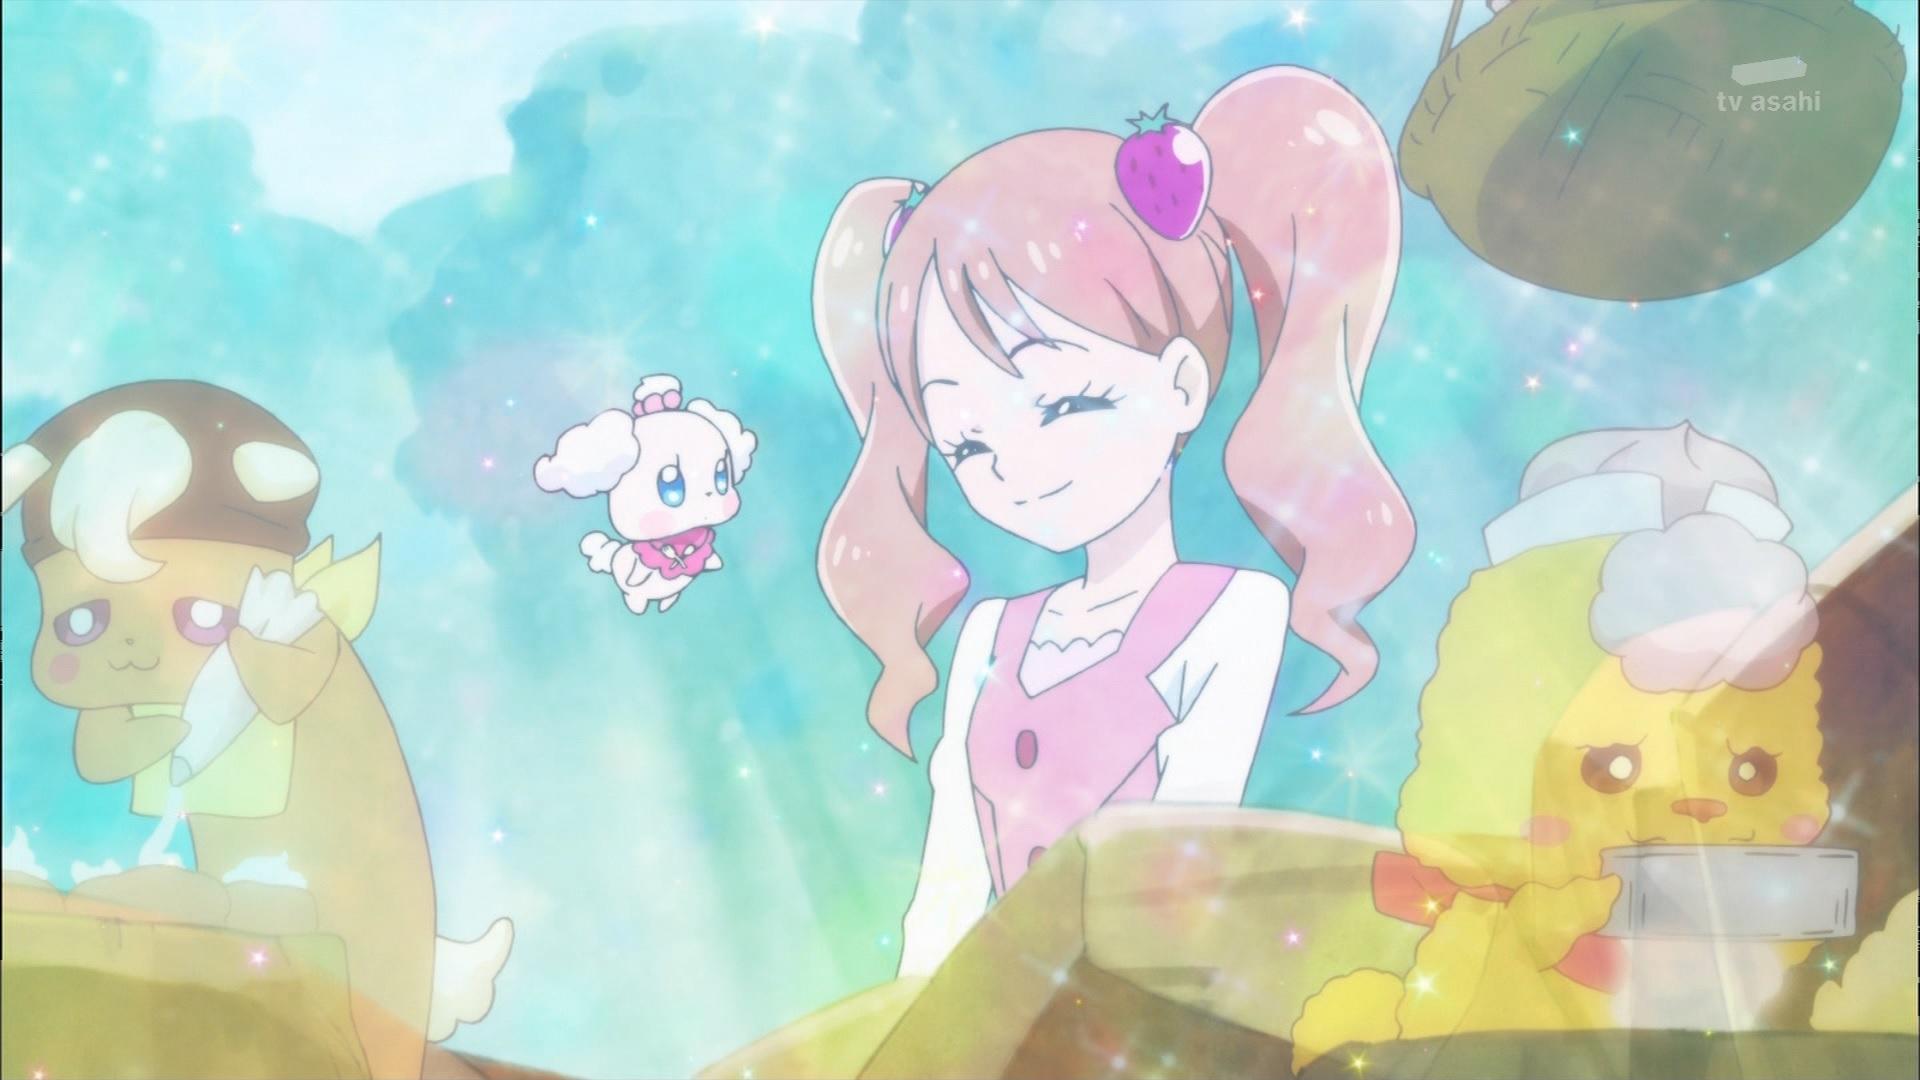 宇佐美いちかとペコリン(キラキラプリキュアアラモード7話画像)